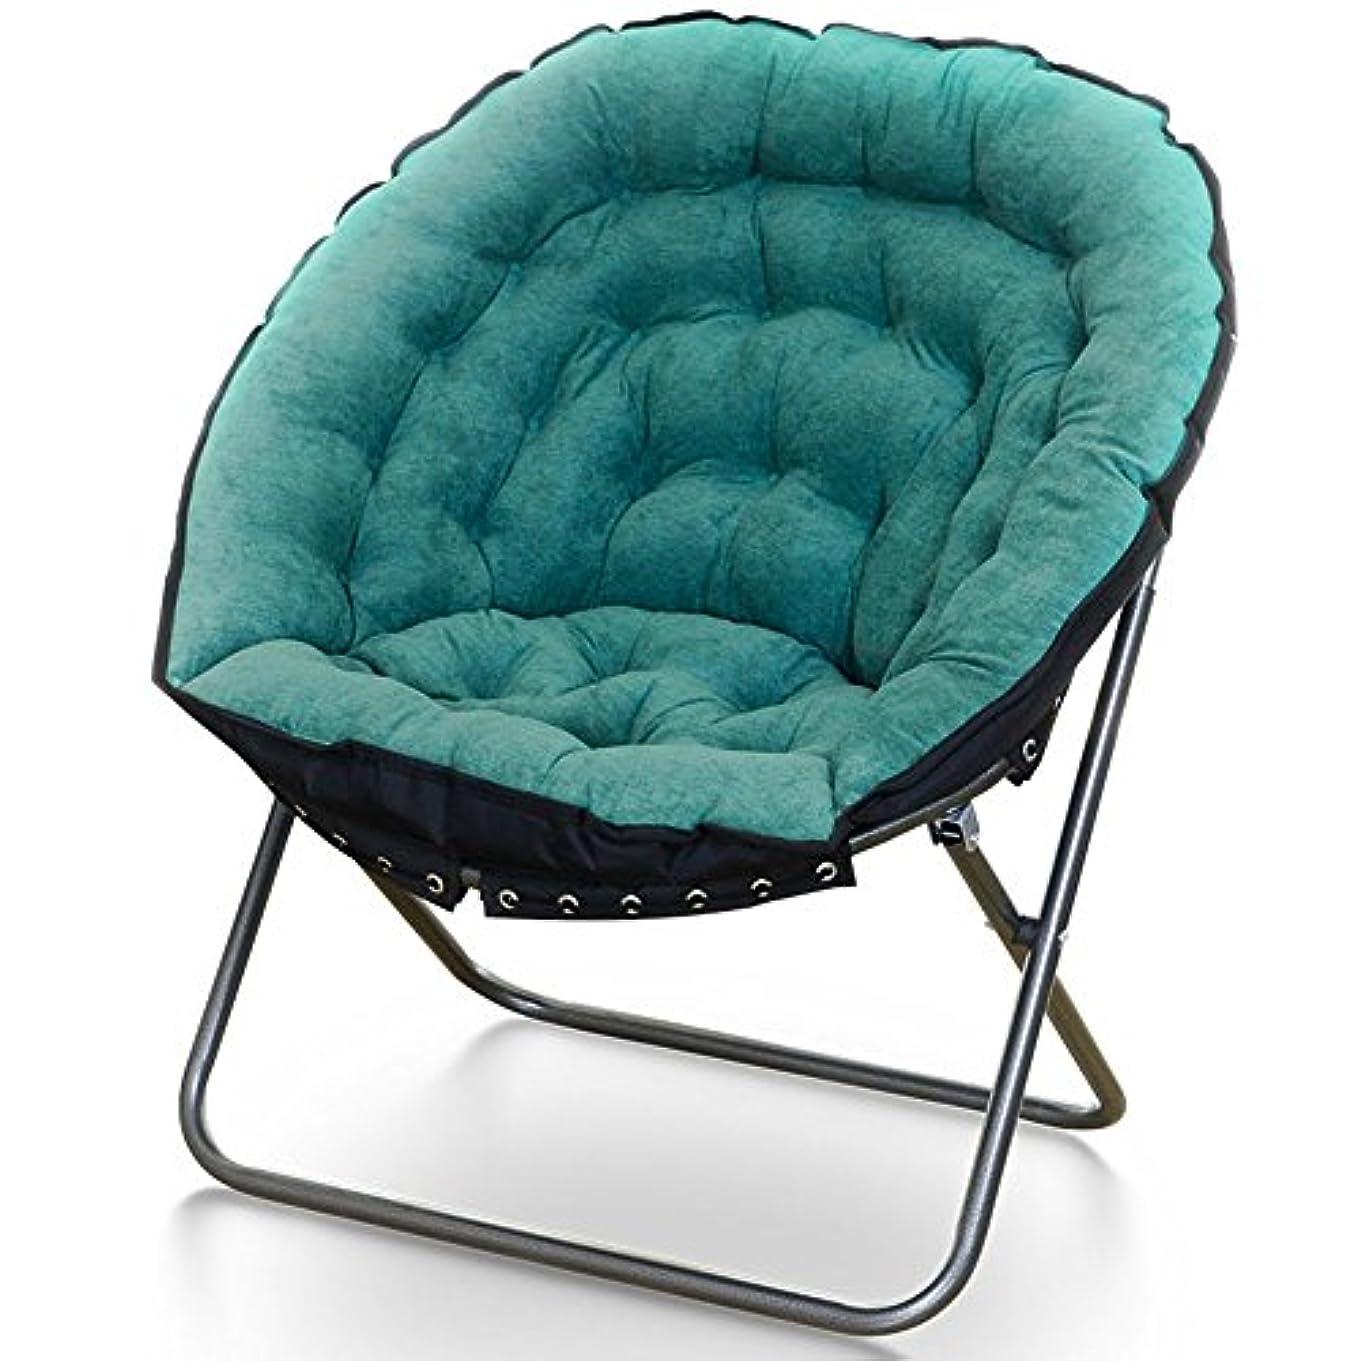 顕著追加する神経衰弱QFFL 創造的な個々のシンプルなベッドルームのソファ/椅子/リビングルームミニレジャー折りたたみチェア/屋外ガーデンバルコニーラウンジチェア(11色オプション) アウトドアスツール (色 : F f)